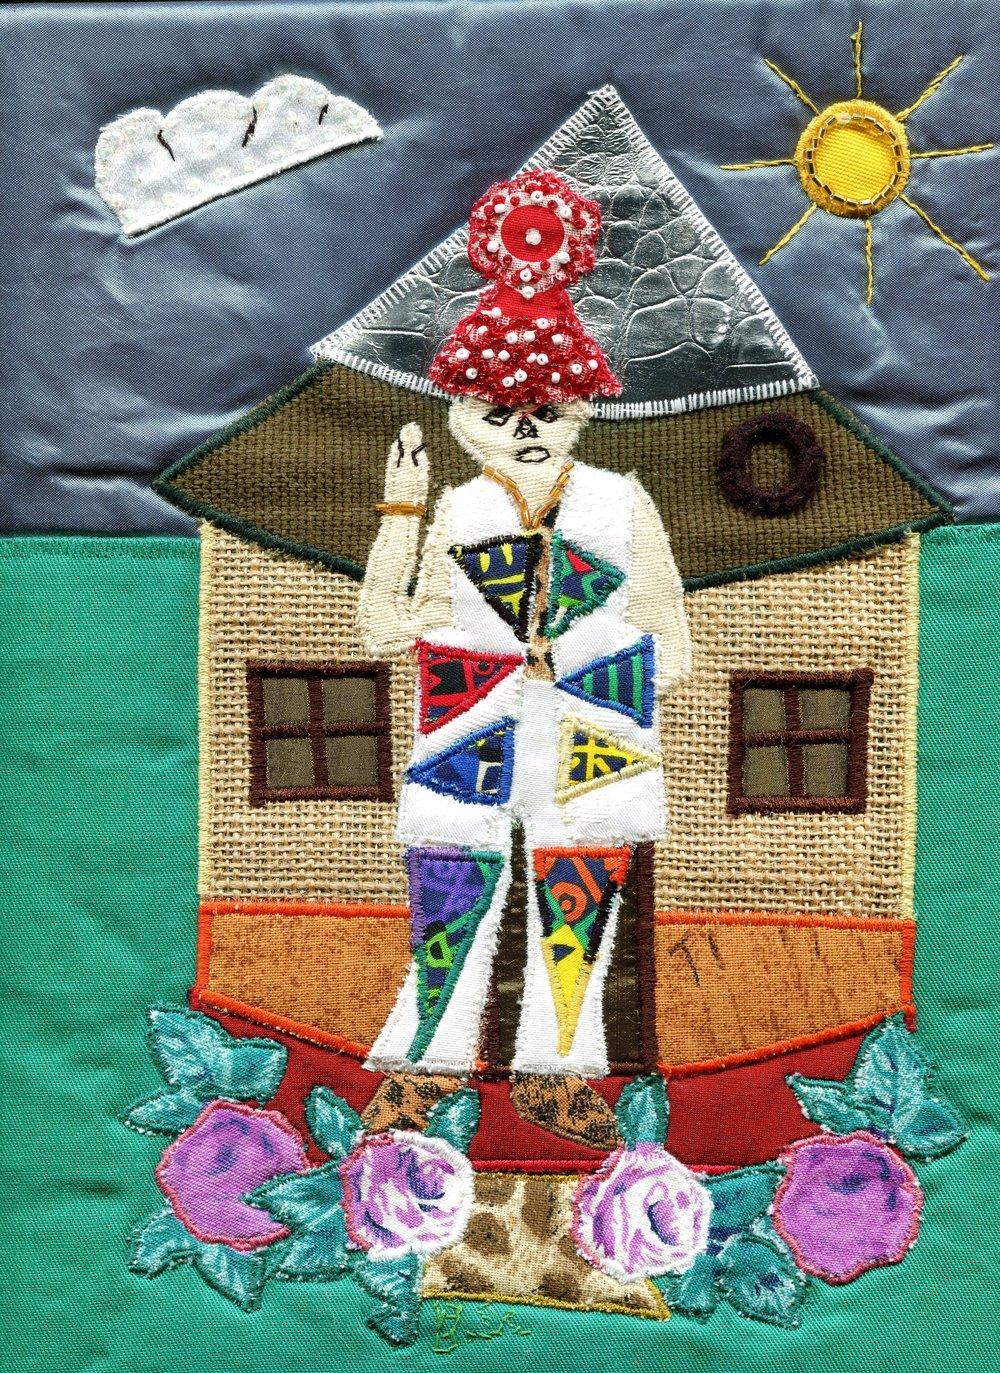 10b Beauty Sekete, Maskandi Musician, Fabric